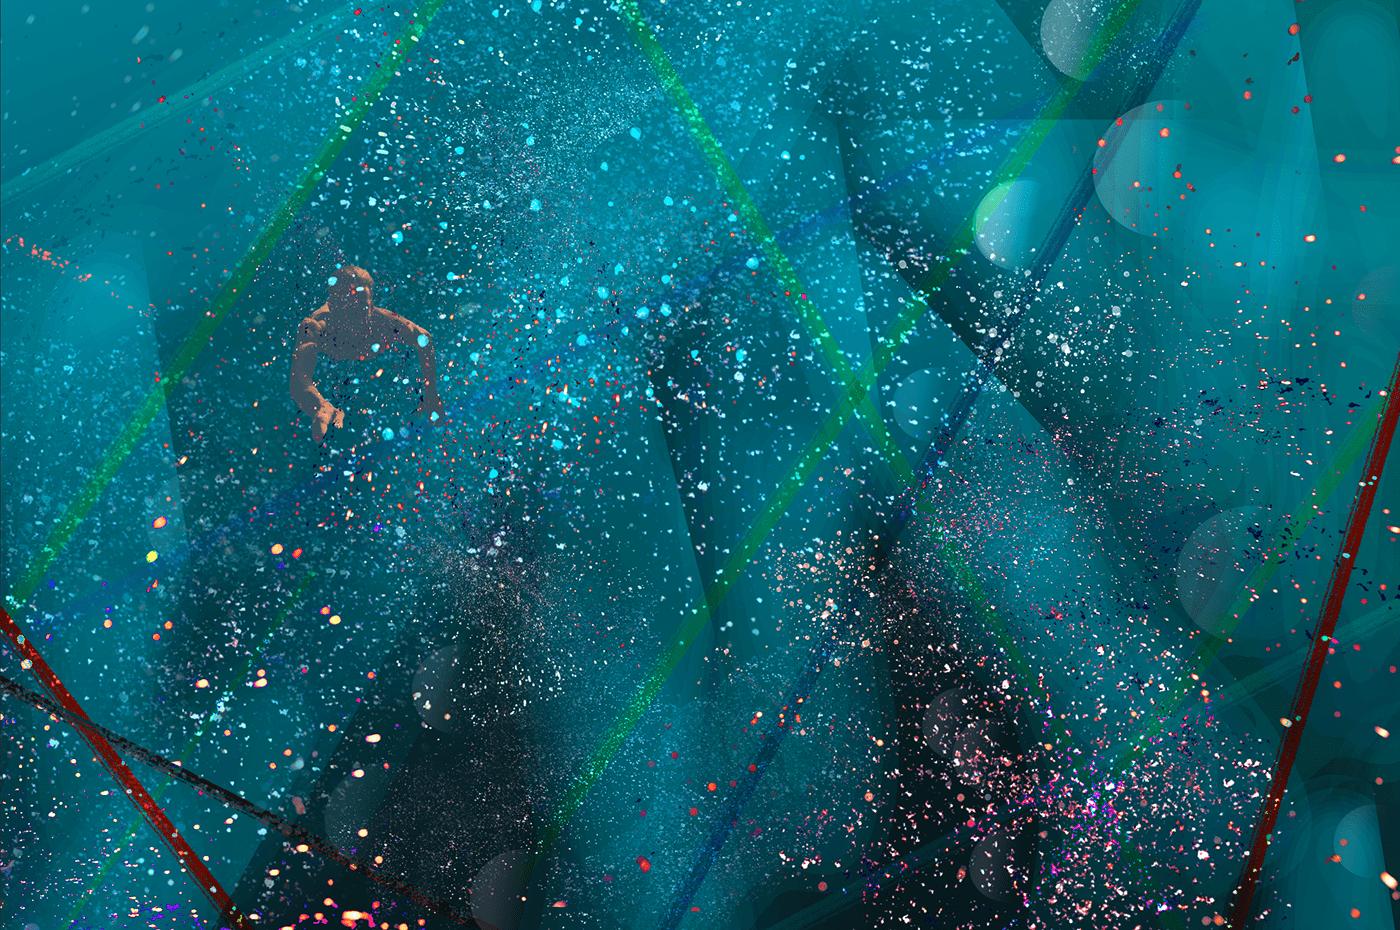 blue sun - multiverse / universe - swim